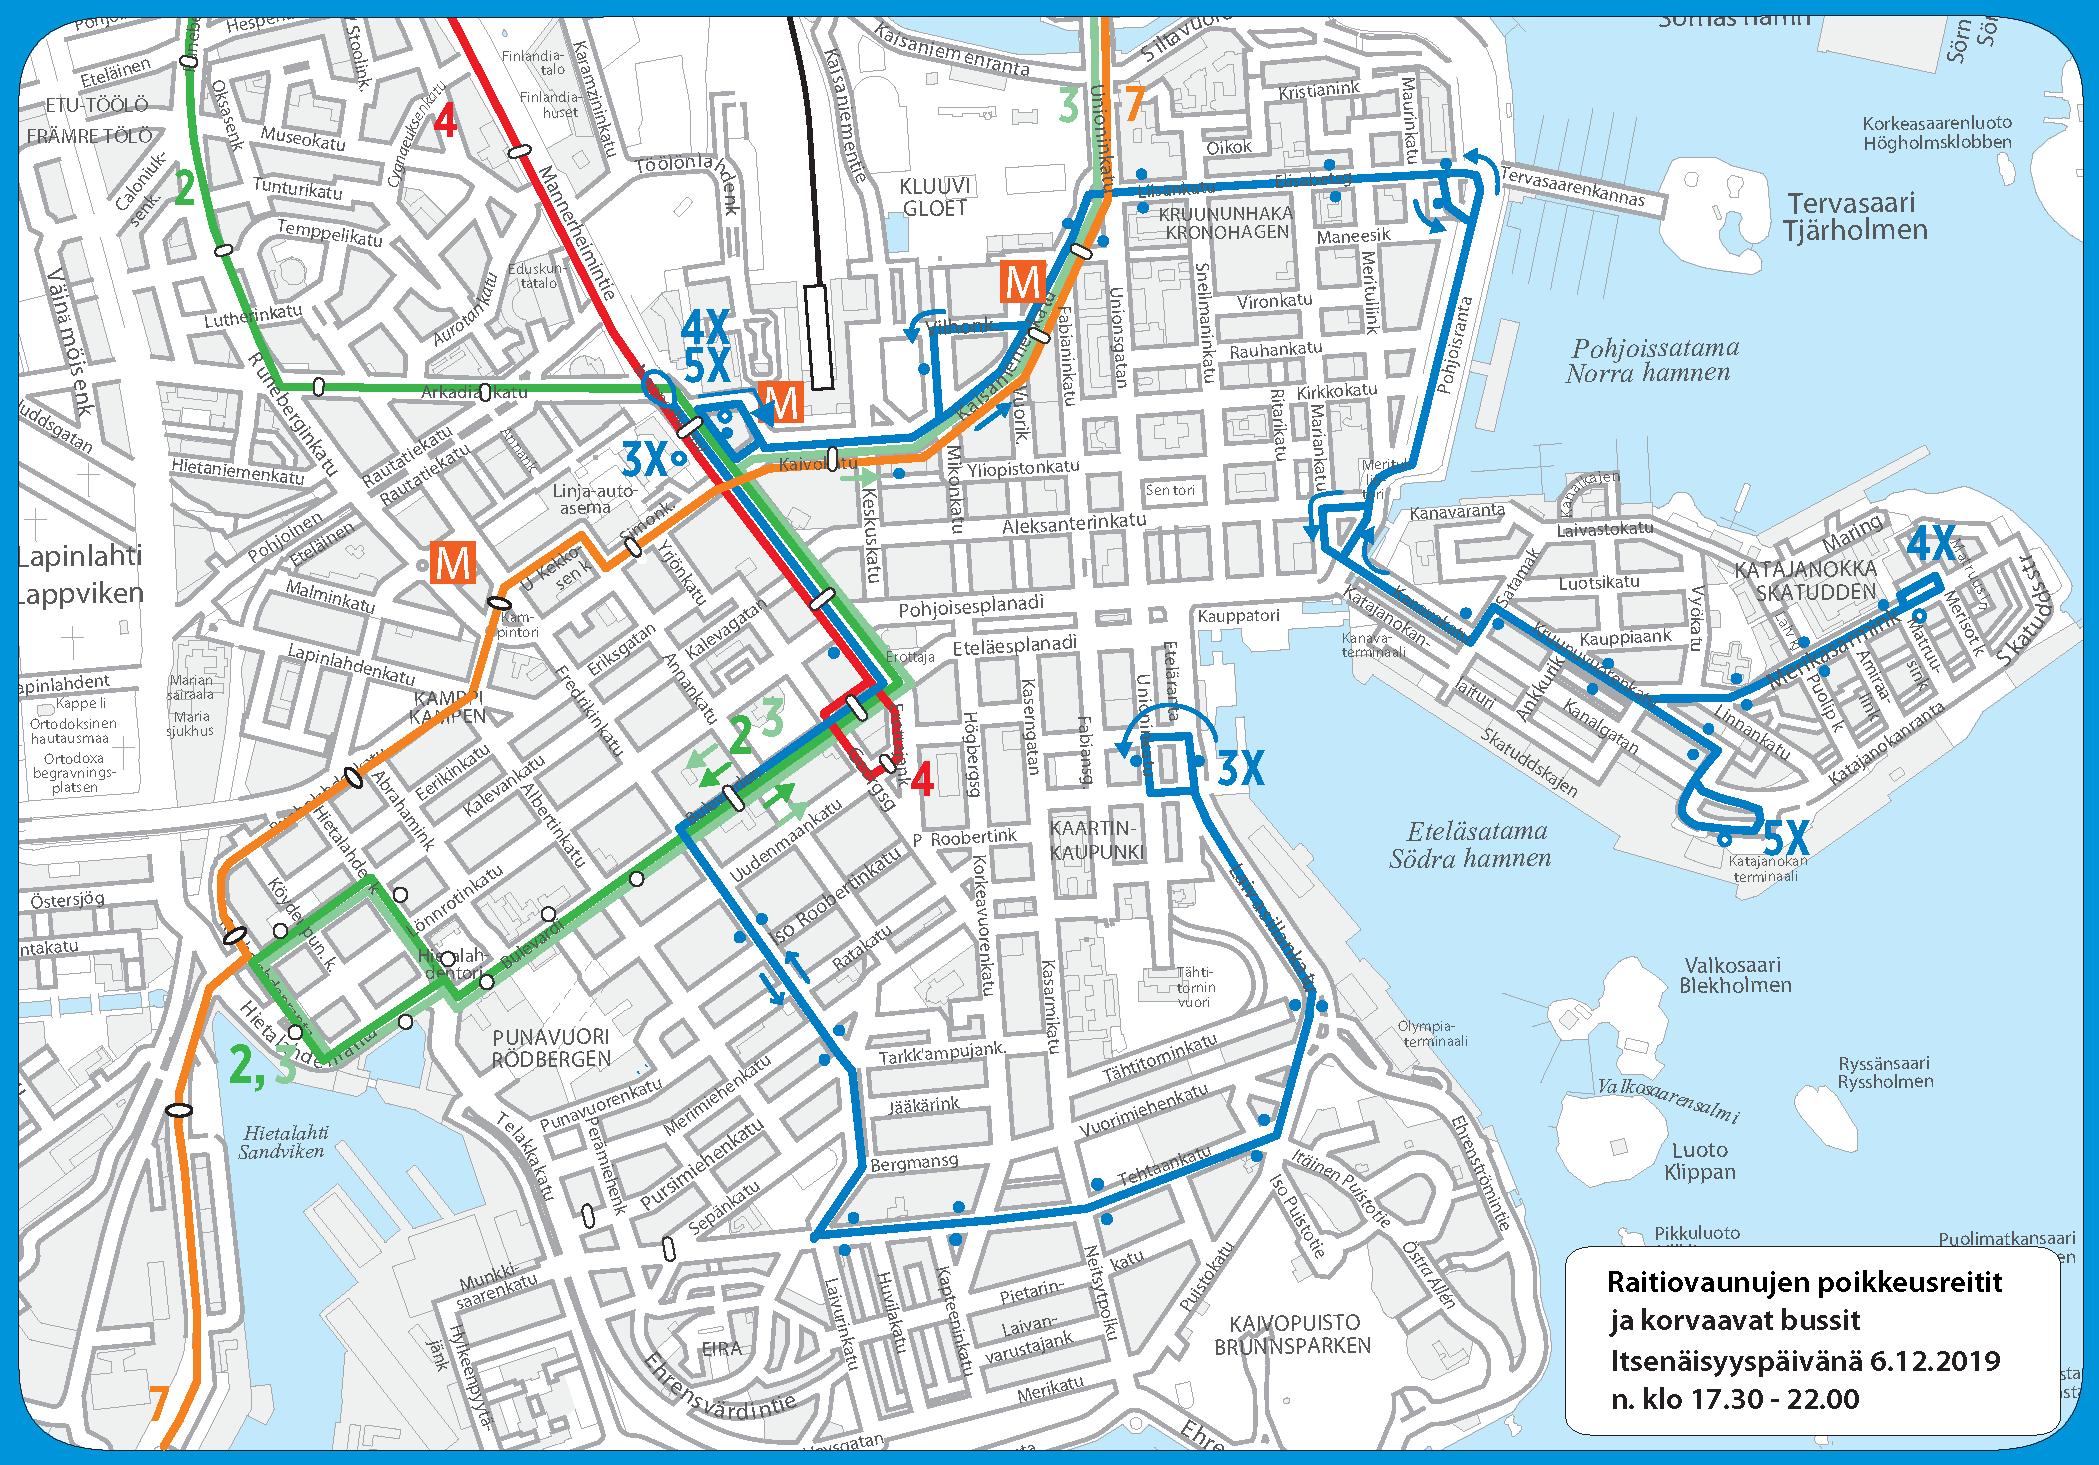 Tapahtuman aikana klo 17.30 – 22.00 raitiolinjat 2, 3, 4 ja 7 ajavat poikkeusreittejä. Linja 5 ei liikennöi. Eirassa ja Katajanokalla raitioliikennettä korvataan busseilla.